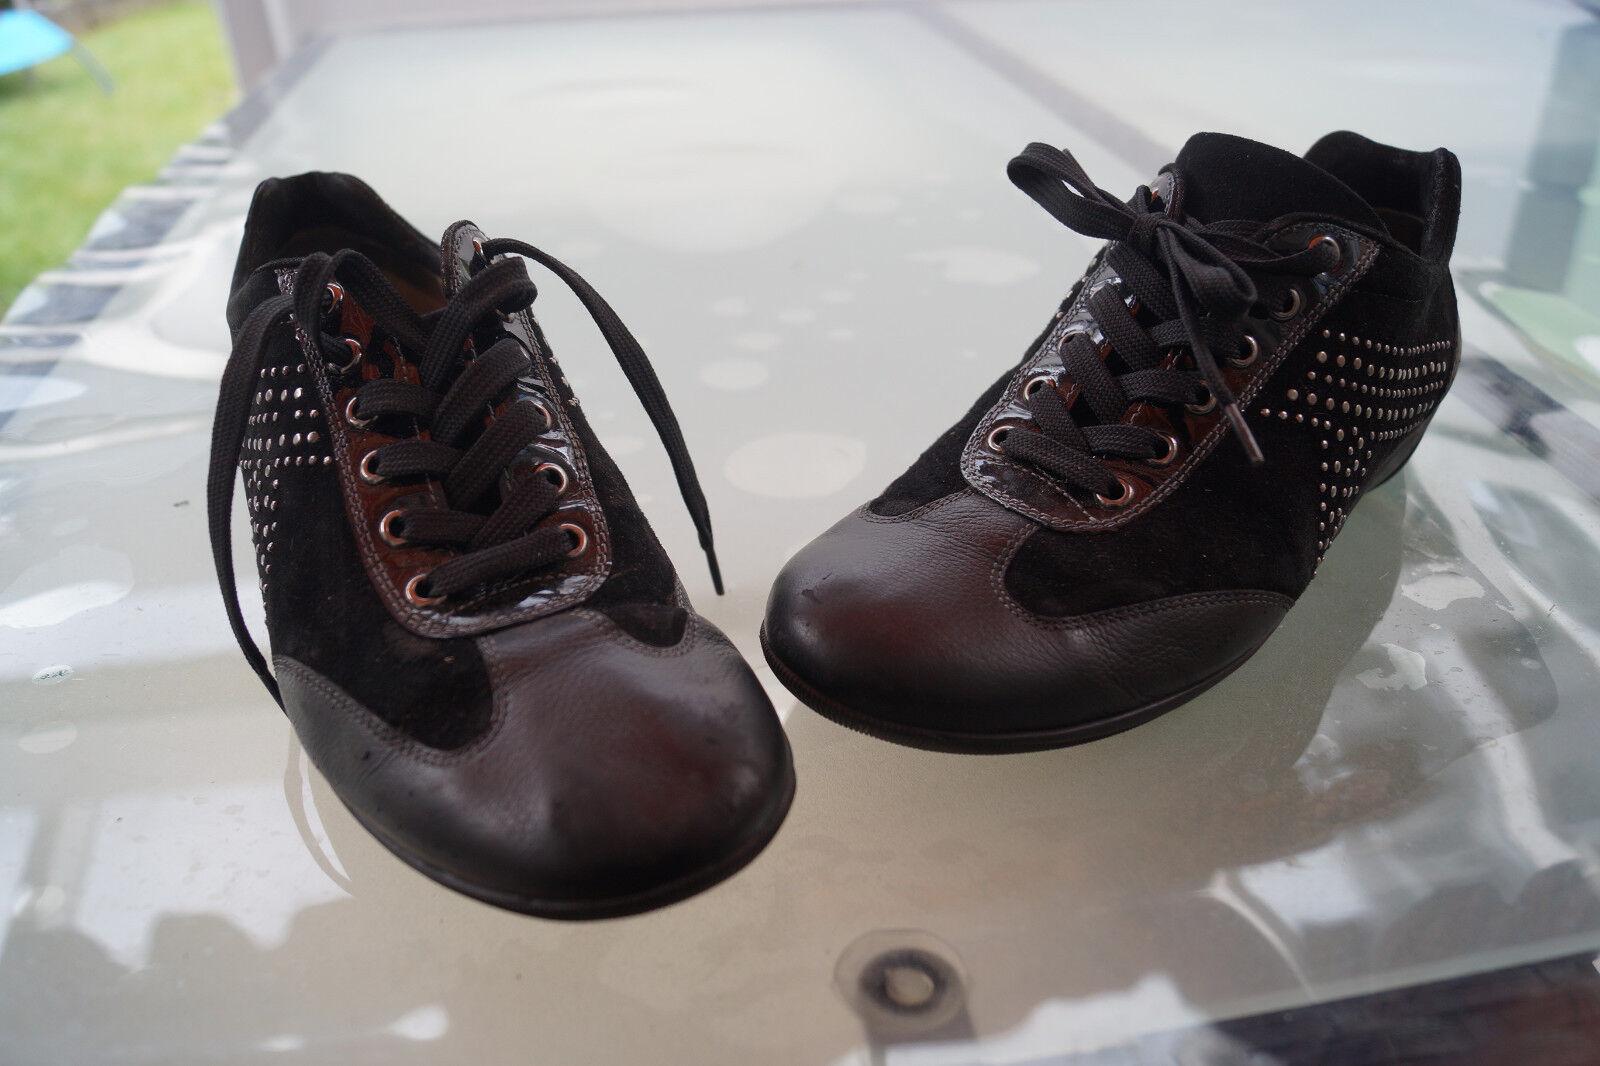 HASSIA Roma H Damen Comfort Schuhe schwarz schnürer Leder Einlage Gr.6/ 39,5 schwarz Schuhe #5k 3a30f0